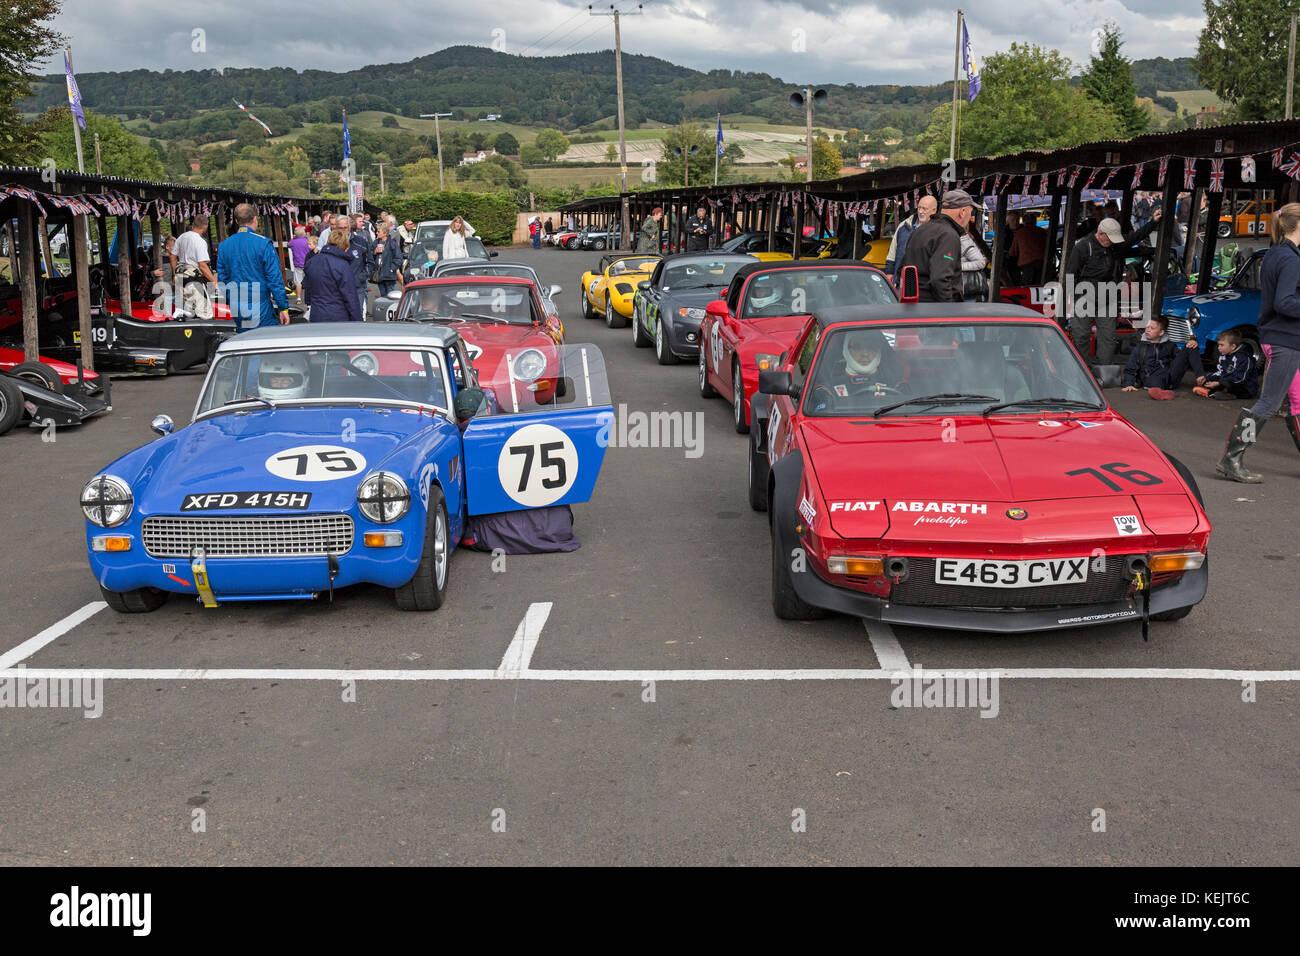 Midget Racing Car Stock Photos & Midget Racing Car Stock Images ...